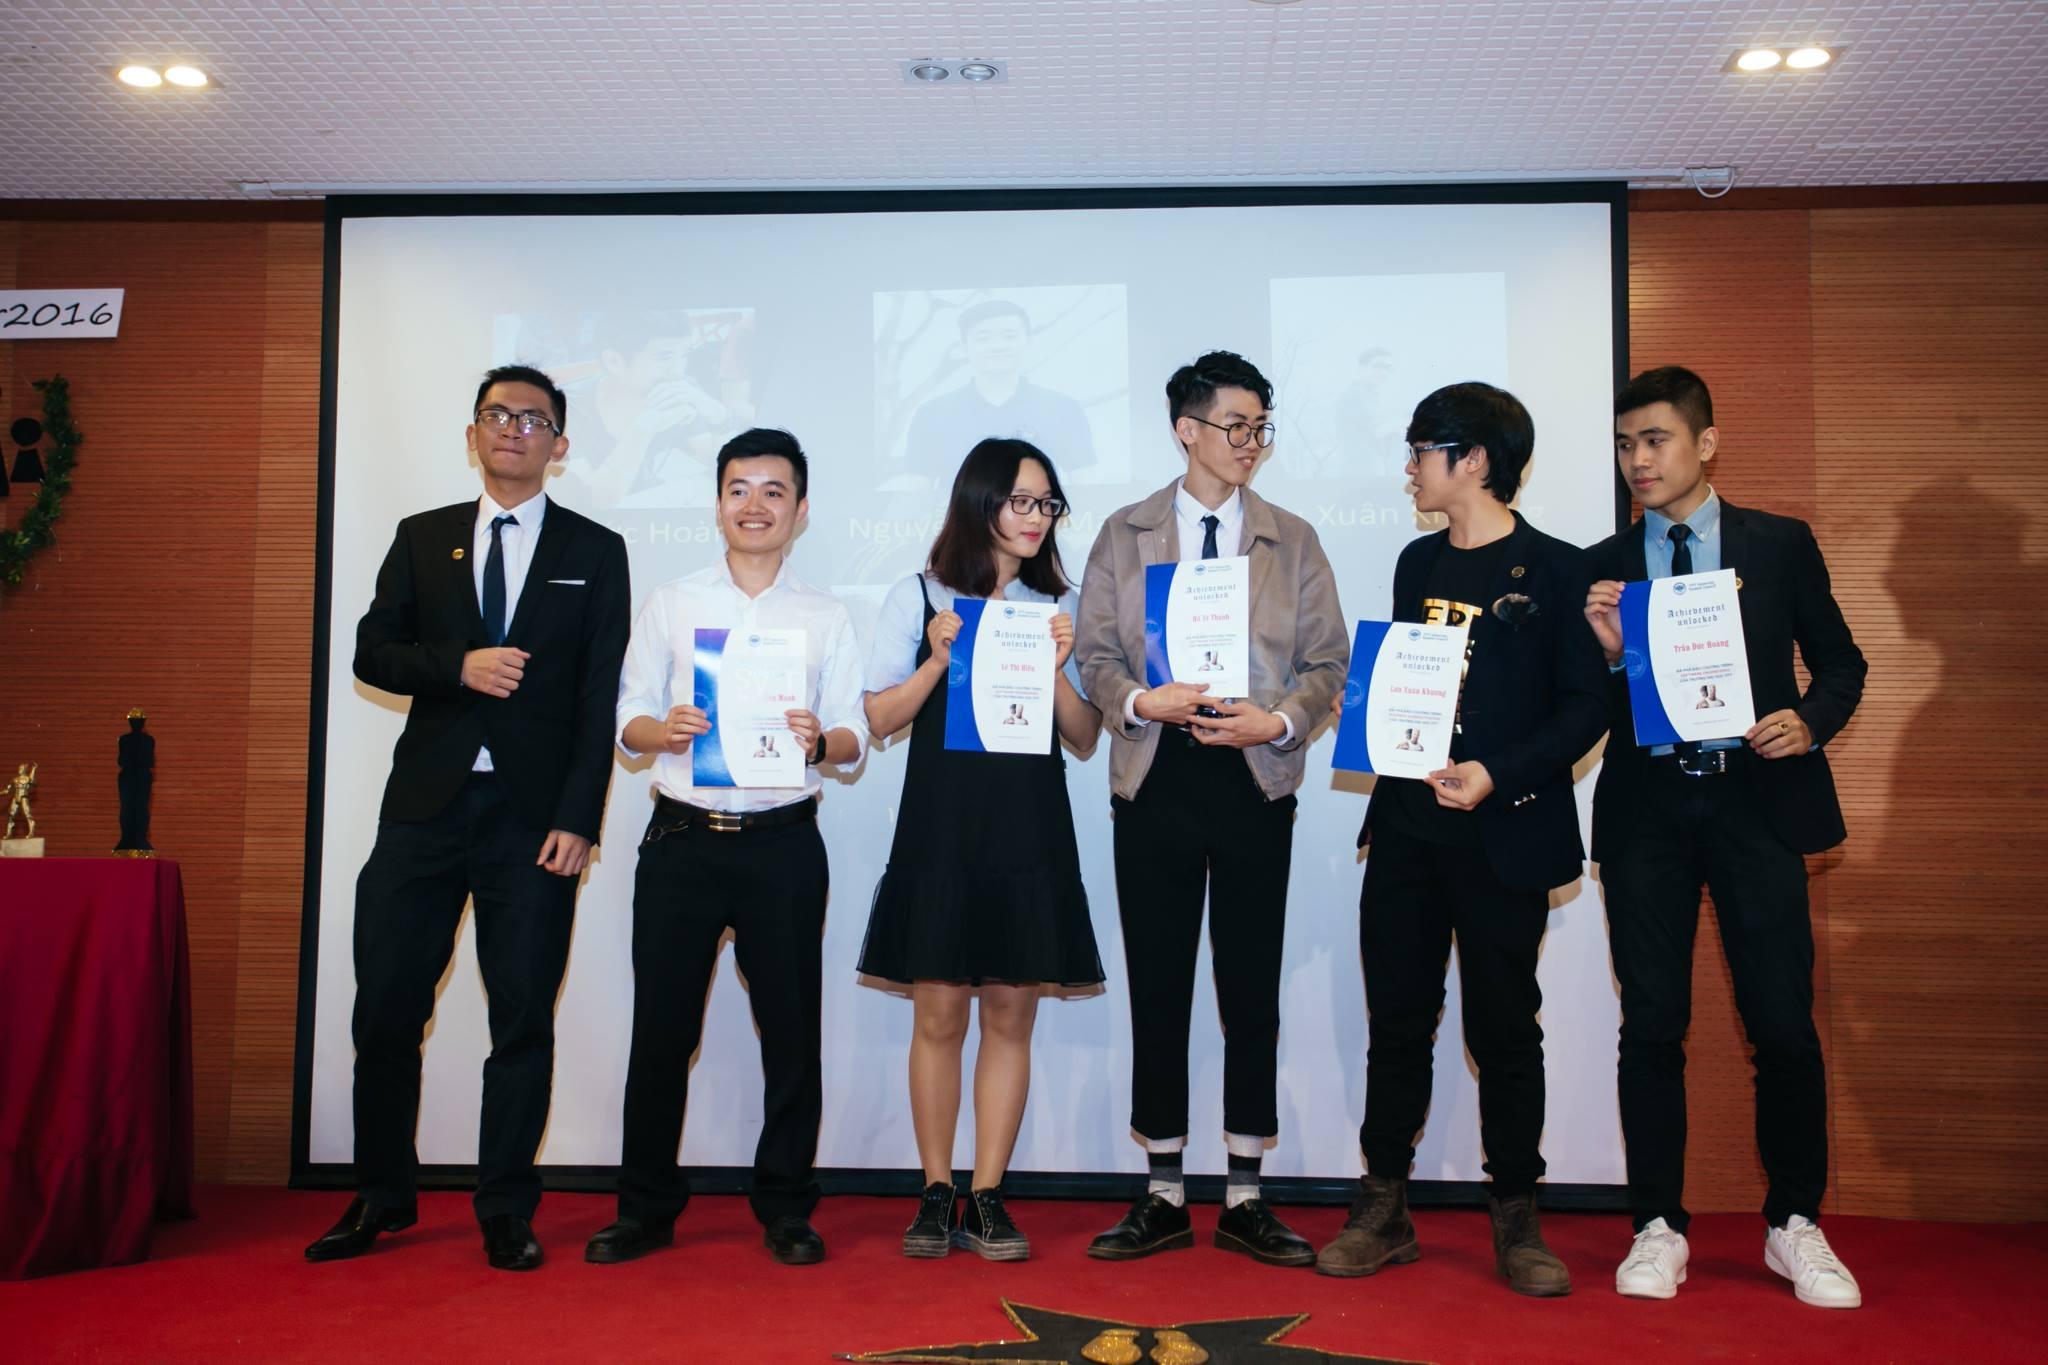 cho thuê hội trường tổ chức sự kiện tại Hà Nội